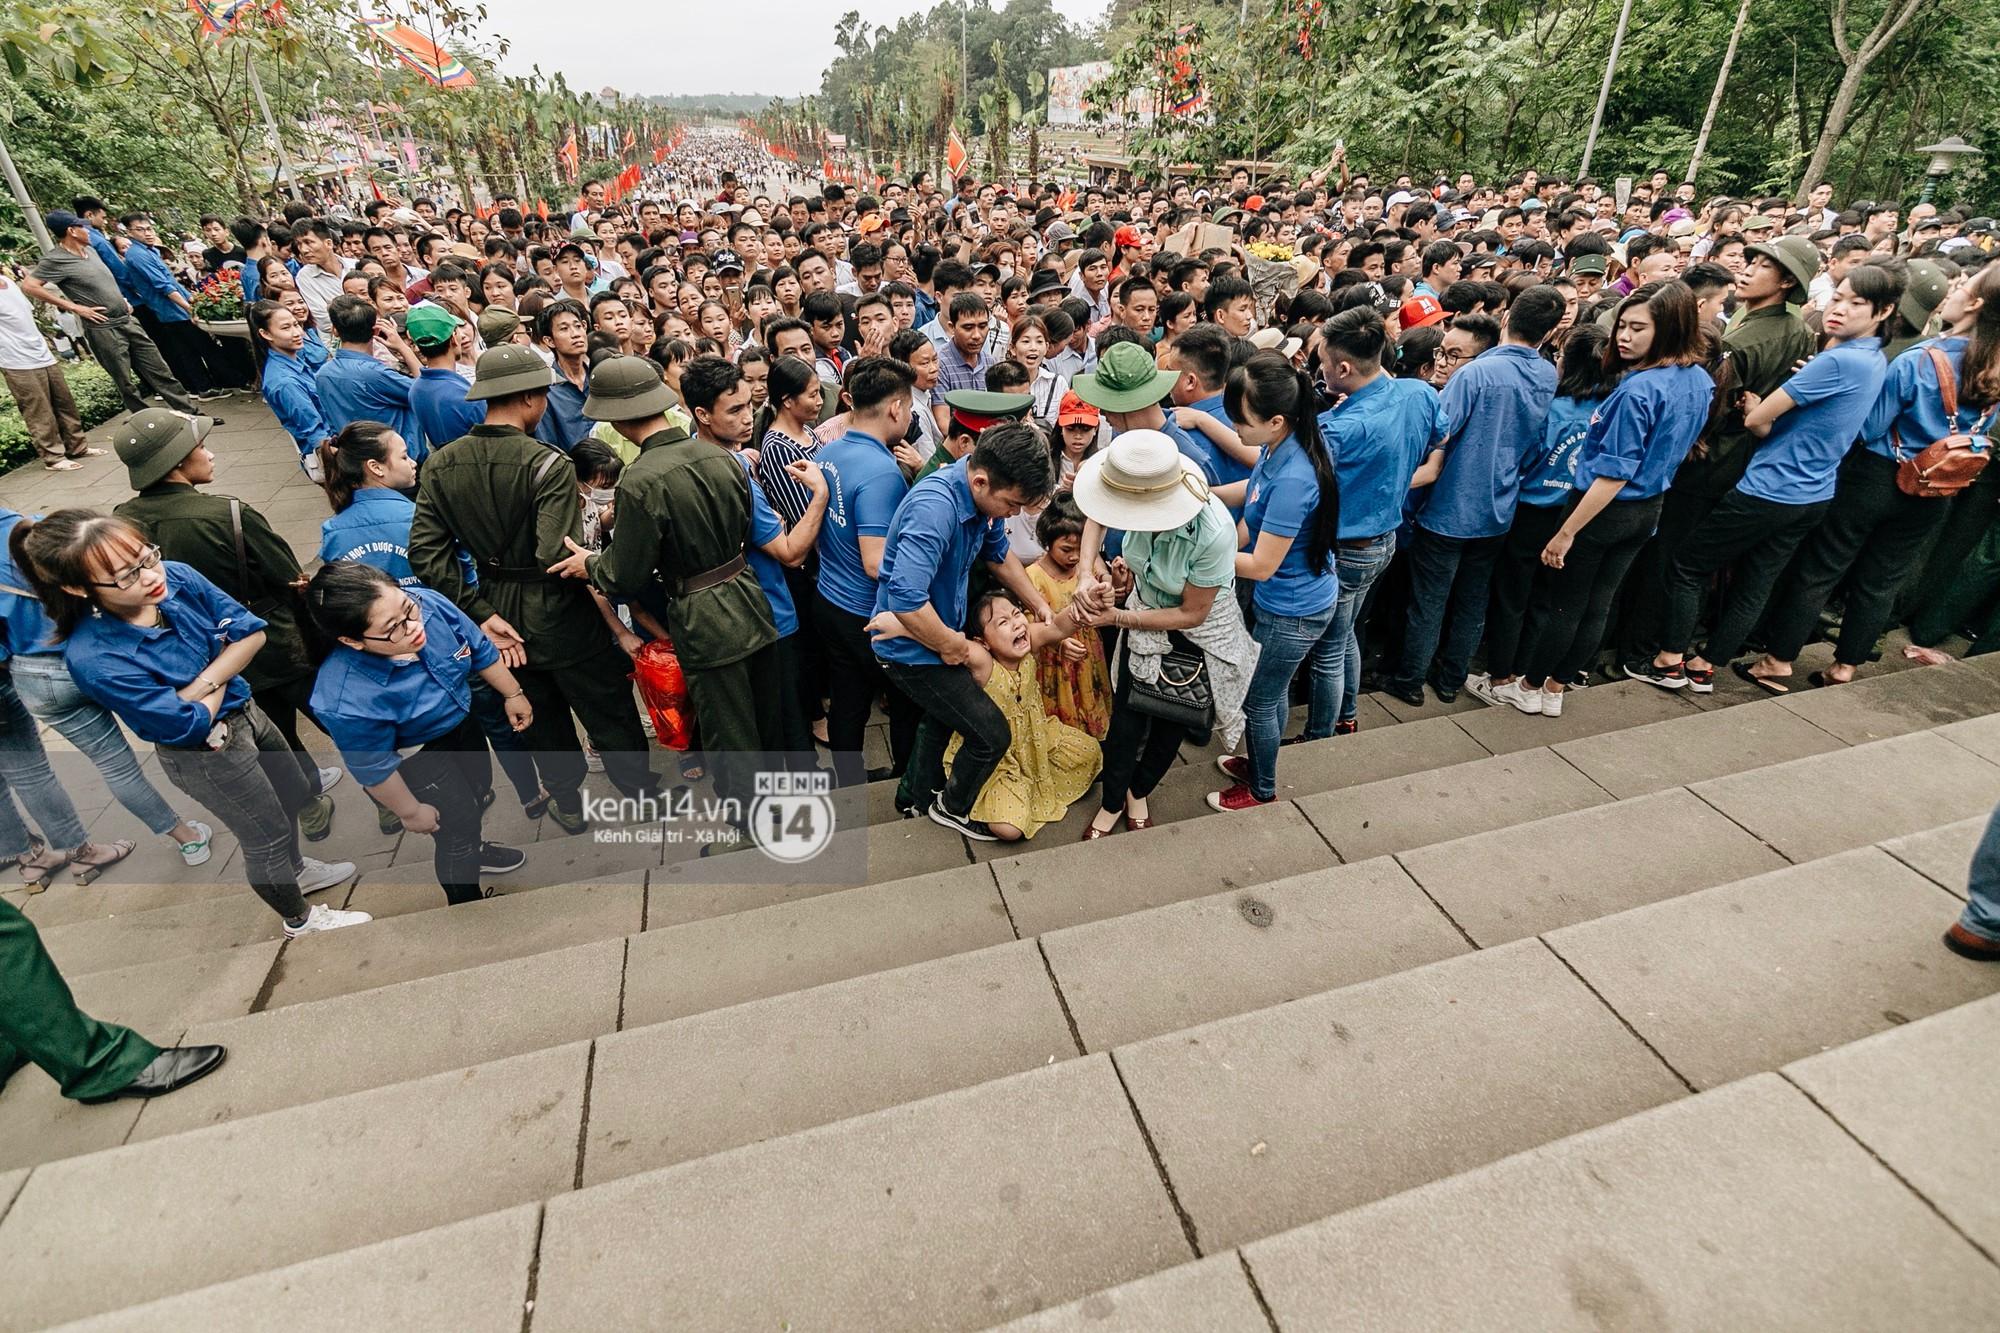 Nhìn lại những khoảnh khắc ấn tượng 2 ngày chính hội ở đền Hùng dịp giỗ Tổ Hùng Vương 2019 - Ảnh 10.